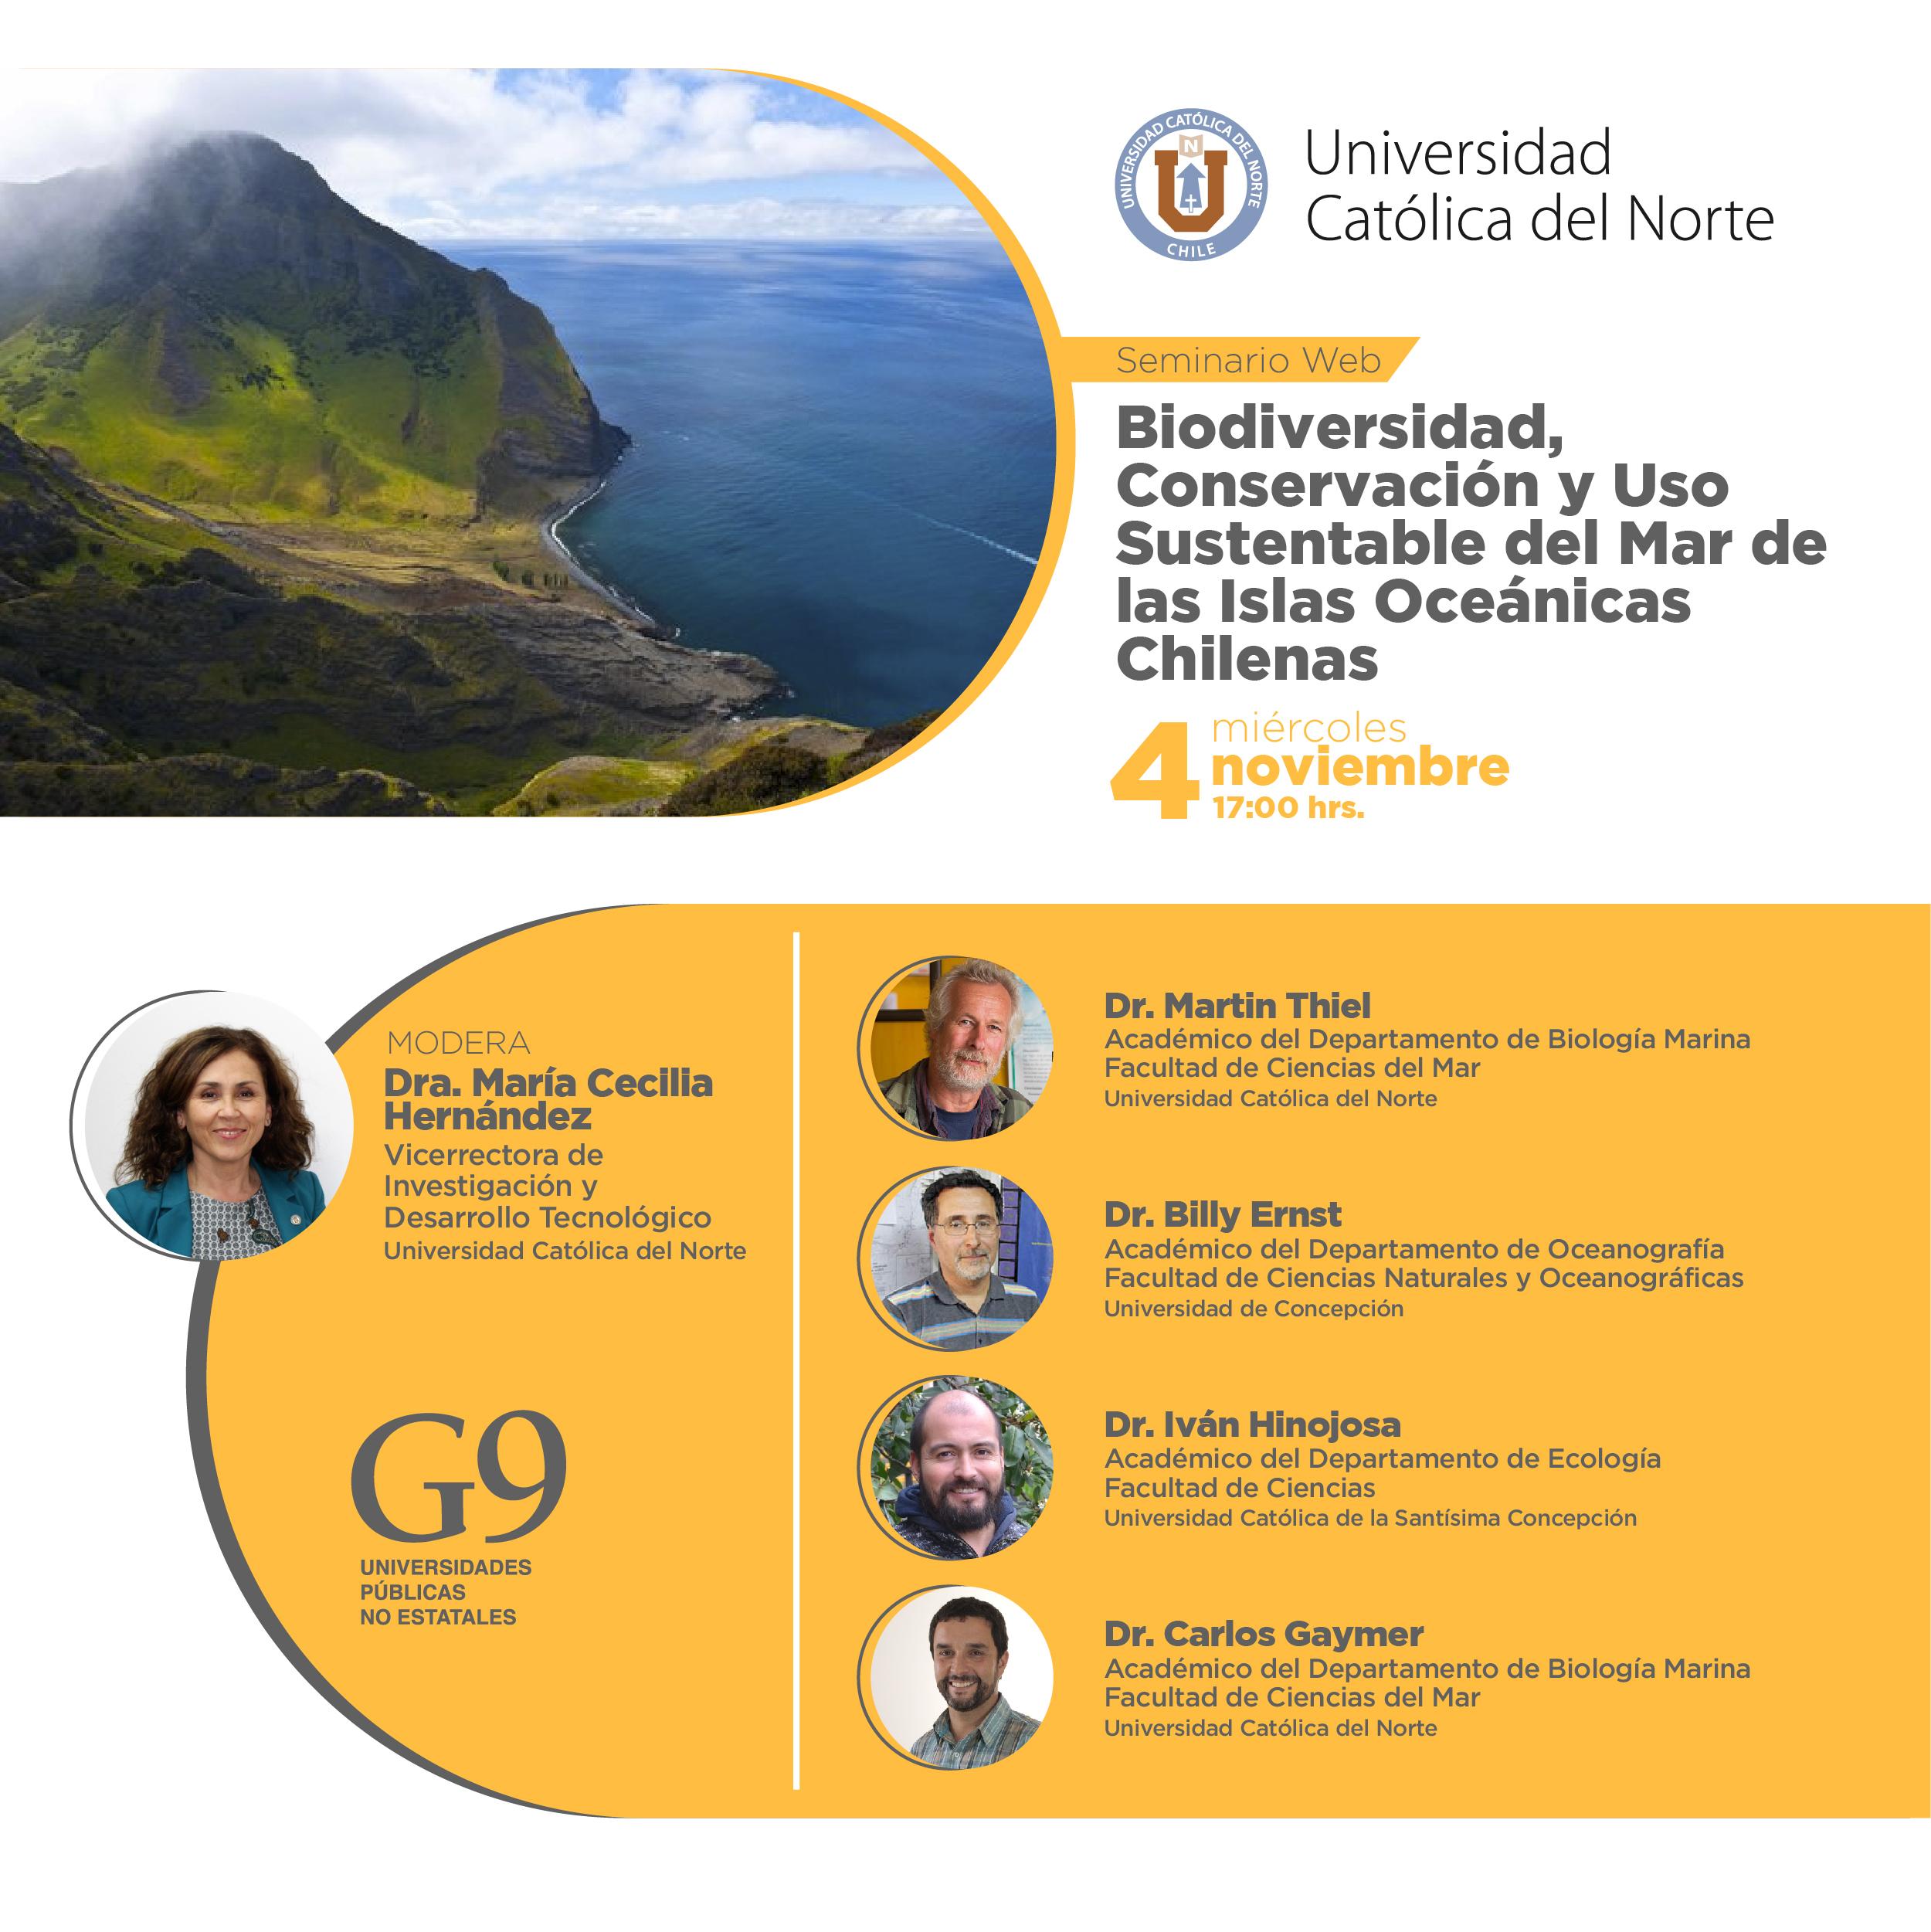 La Red G9 y la UCN invitan a conocer biodiversidad, conservación y uso sustentable del mar de las islas oceánicas